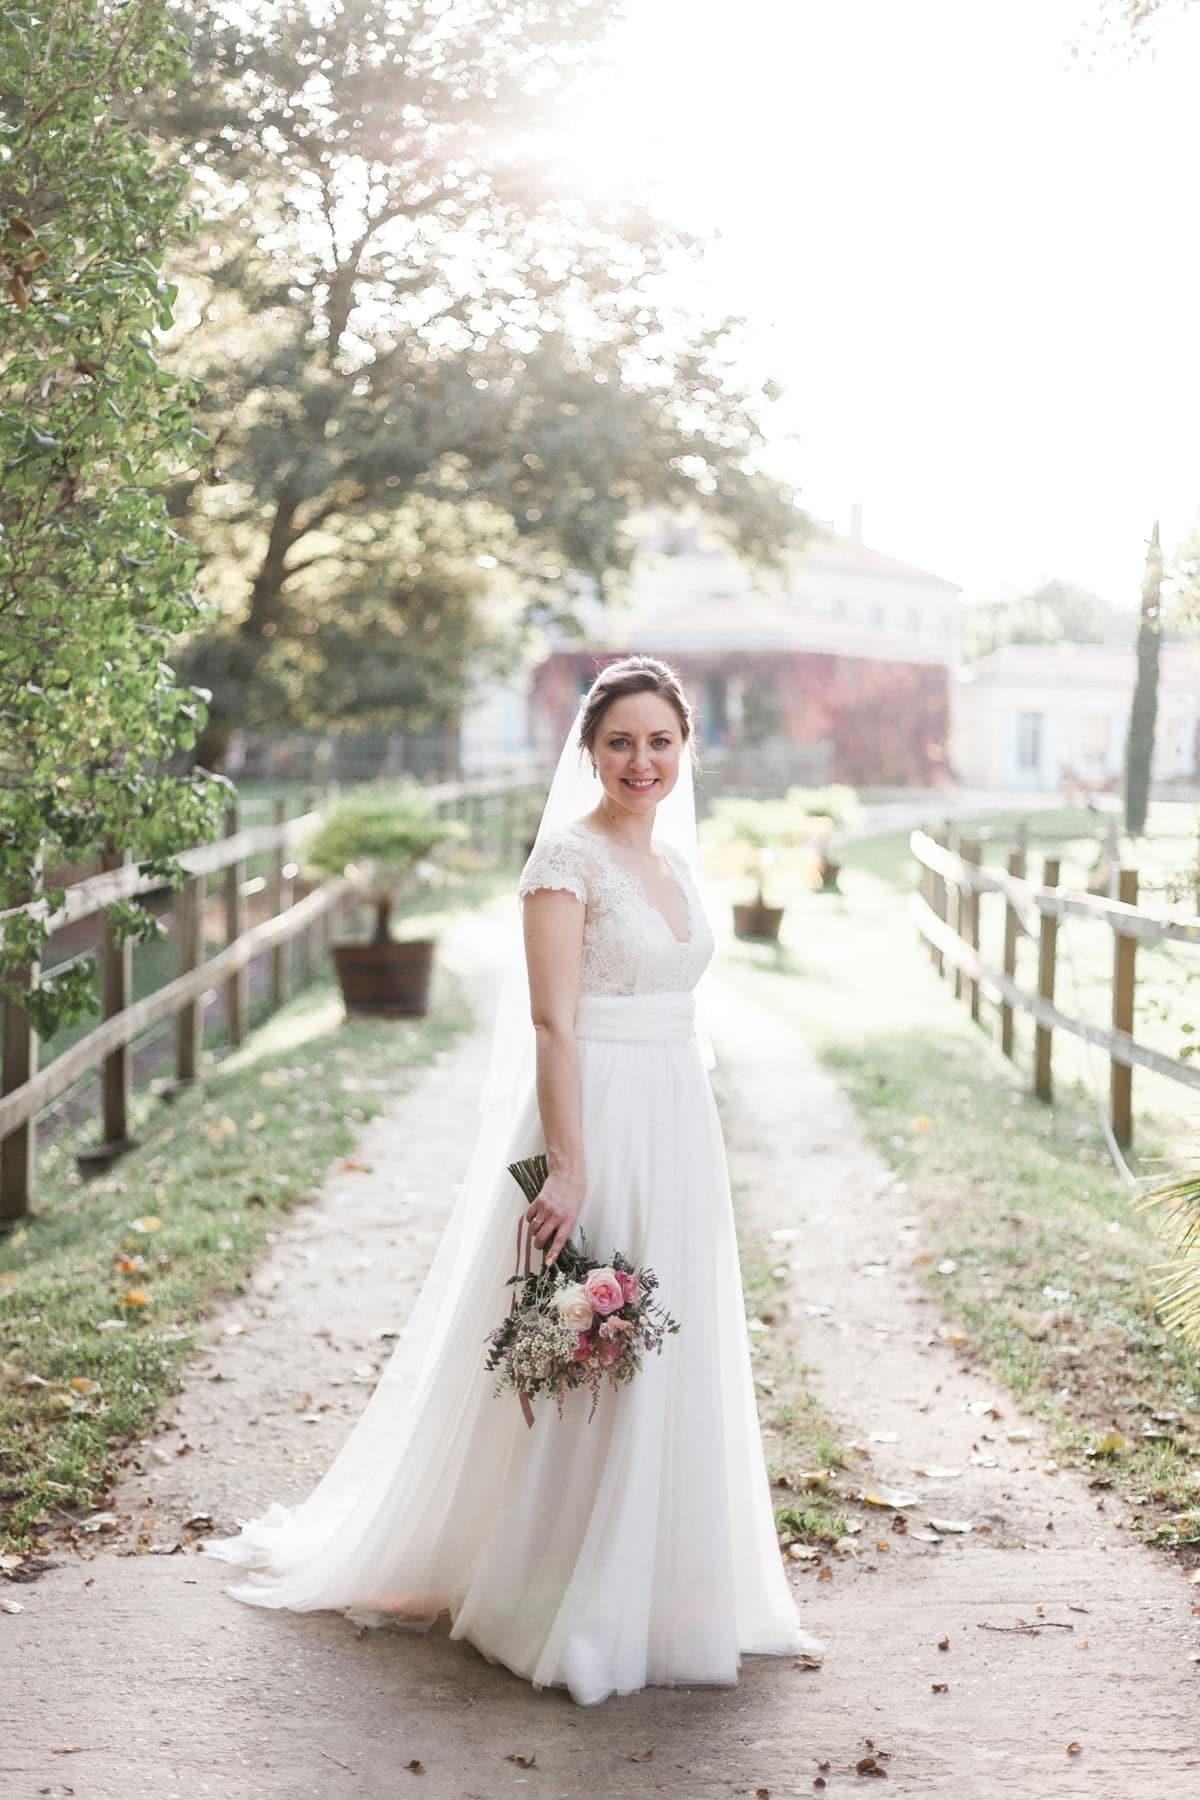 photographe mariage pastel bordeaux dordogne chateau de l'isle medoc rose pale blush avril mai 018